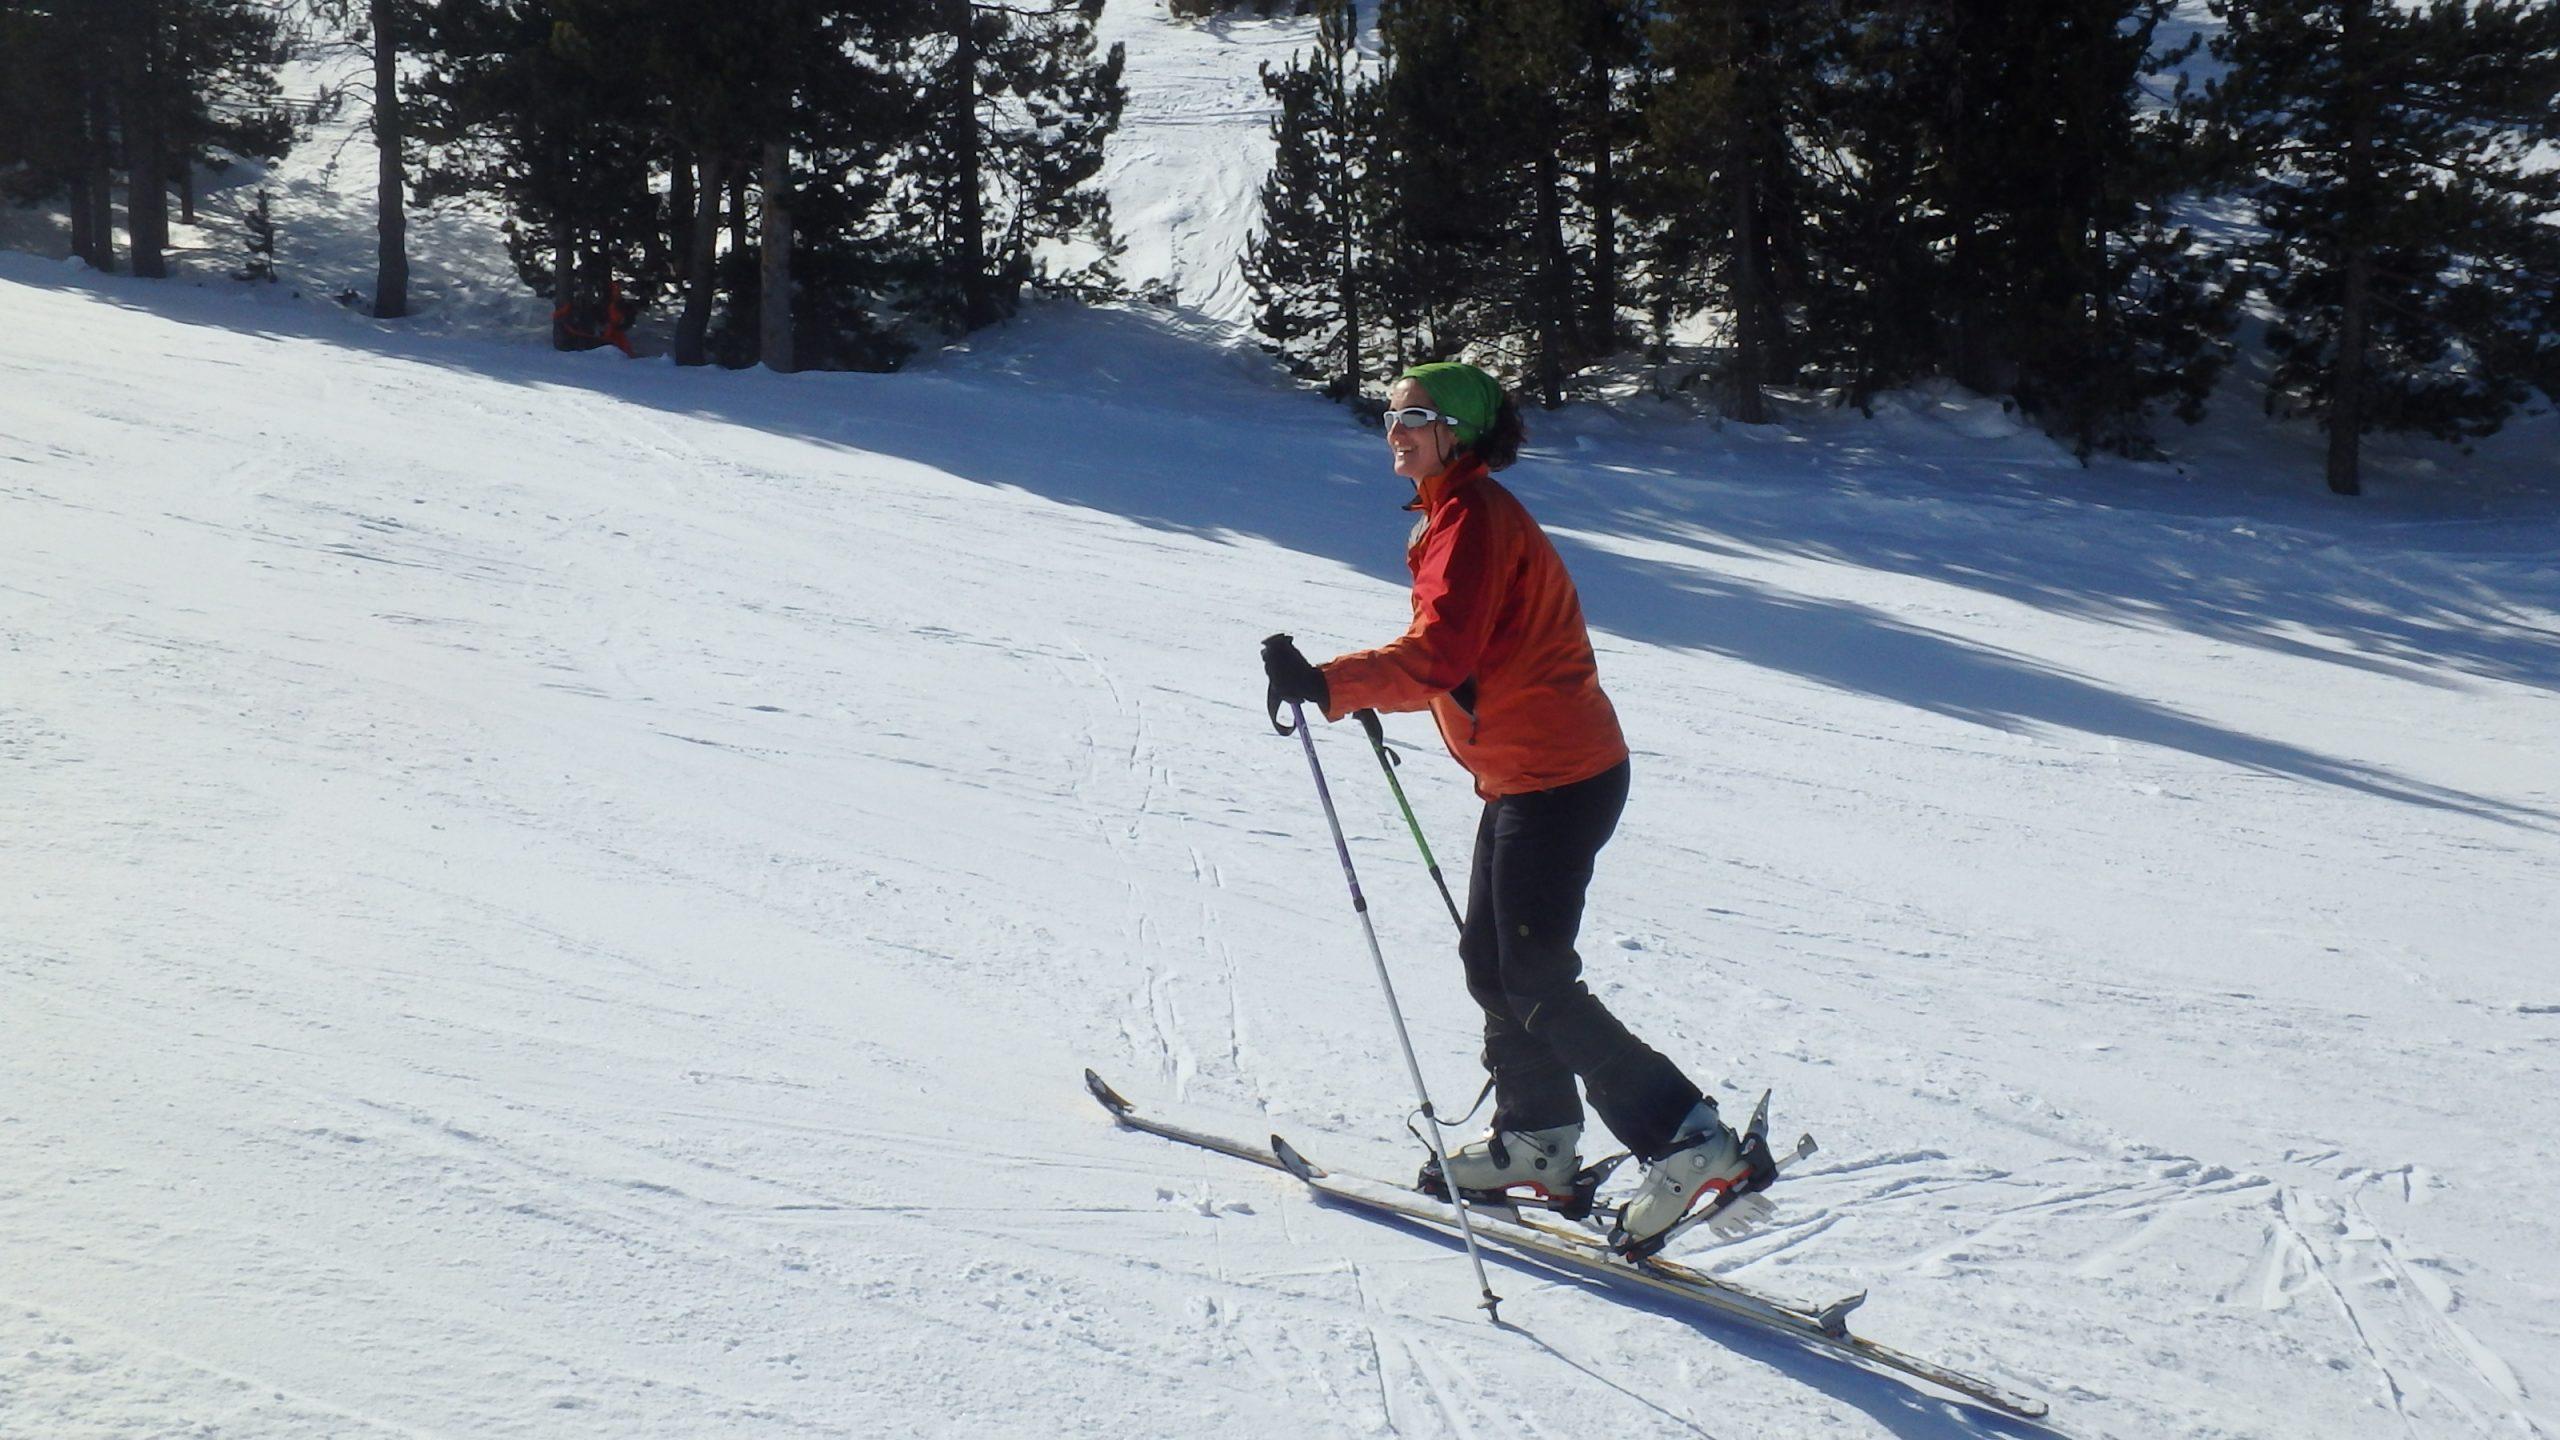 curso iniciación esqui montaña cerdanya